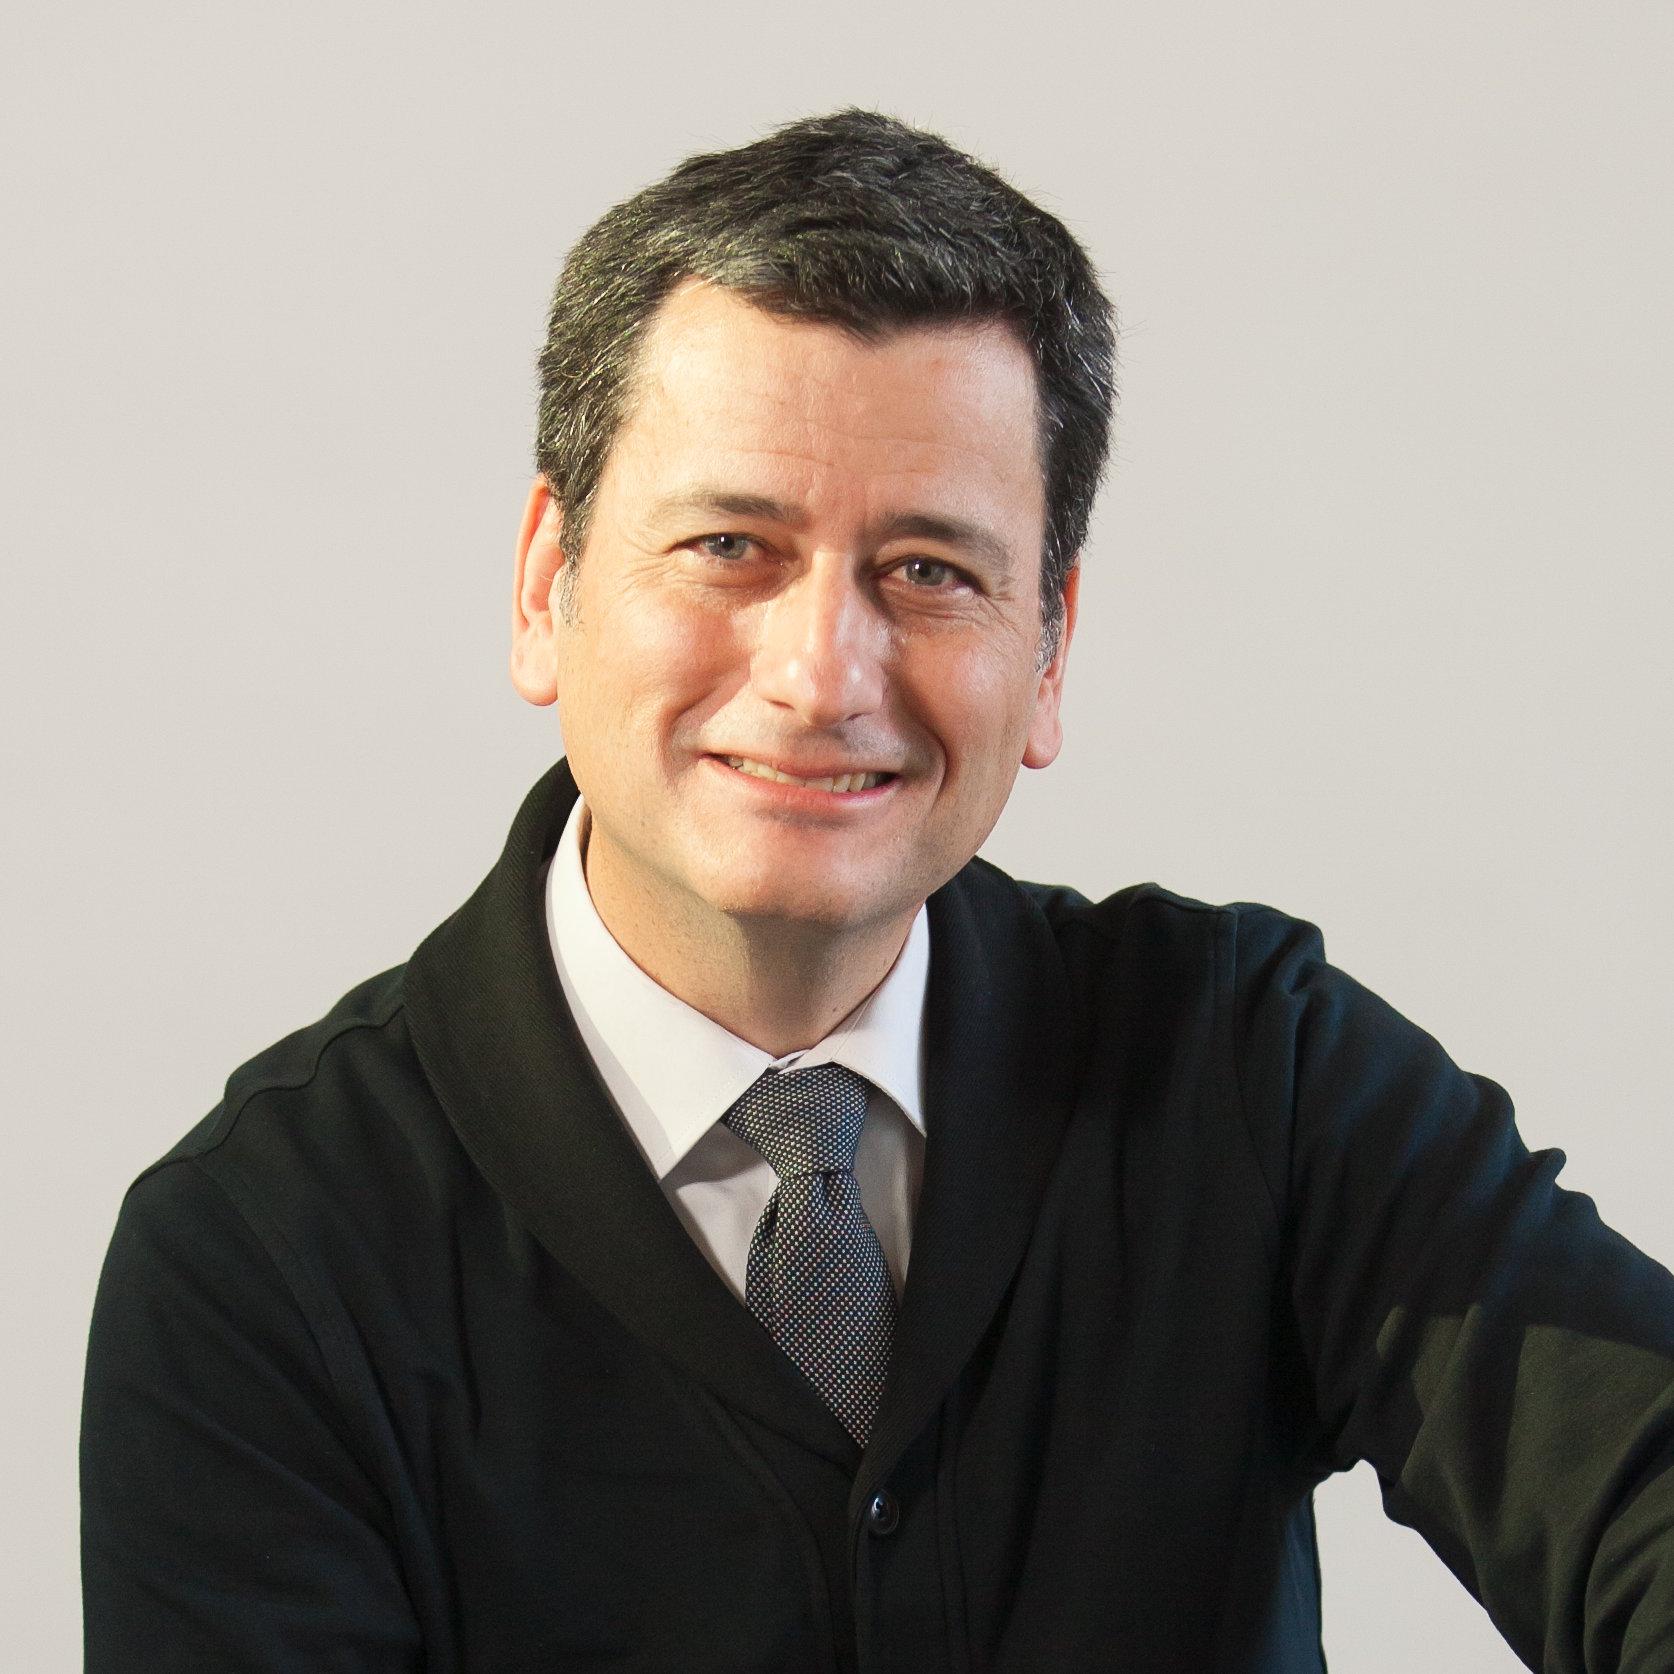 Pablo Allard Serrano